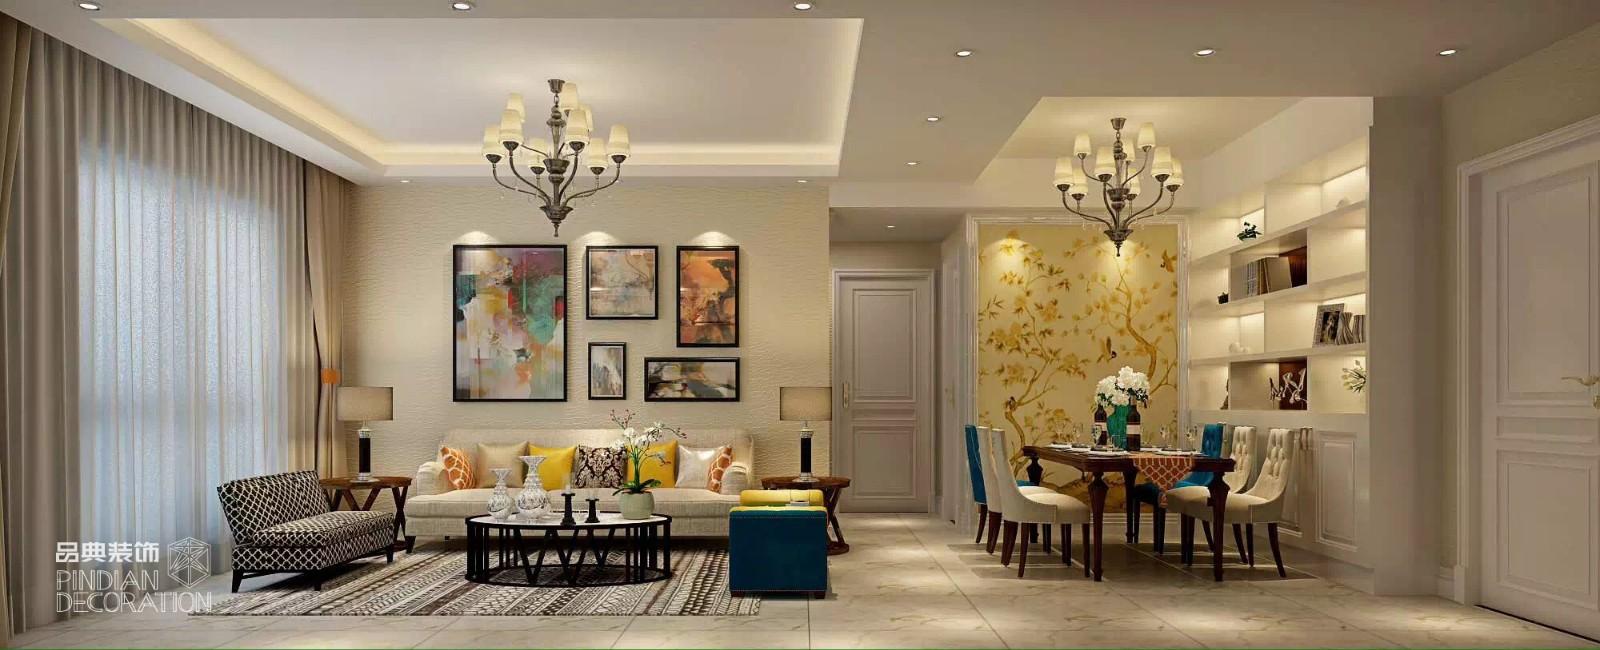 家居 起居室 设计 装修 1600_650